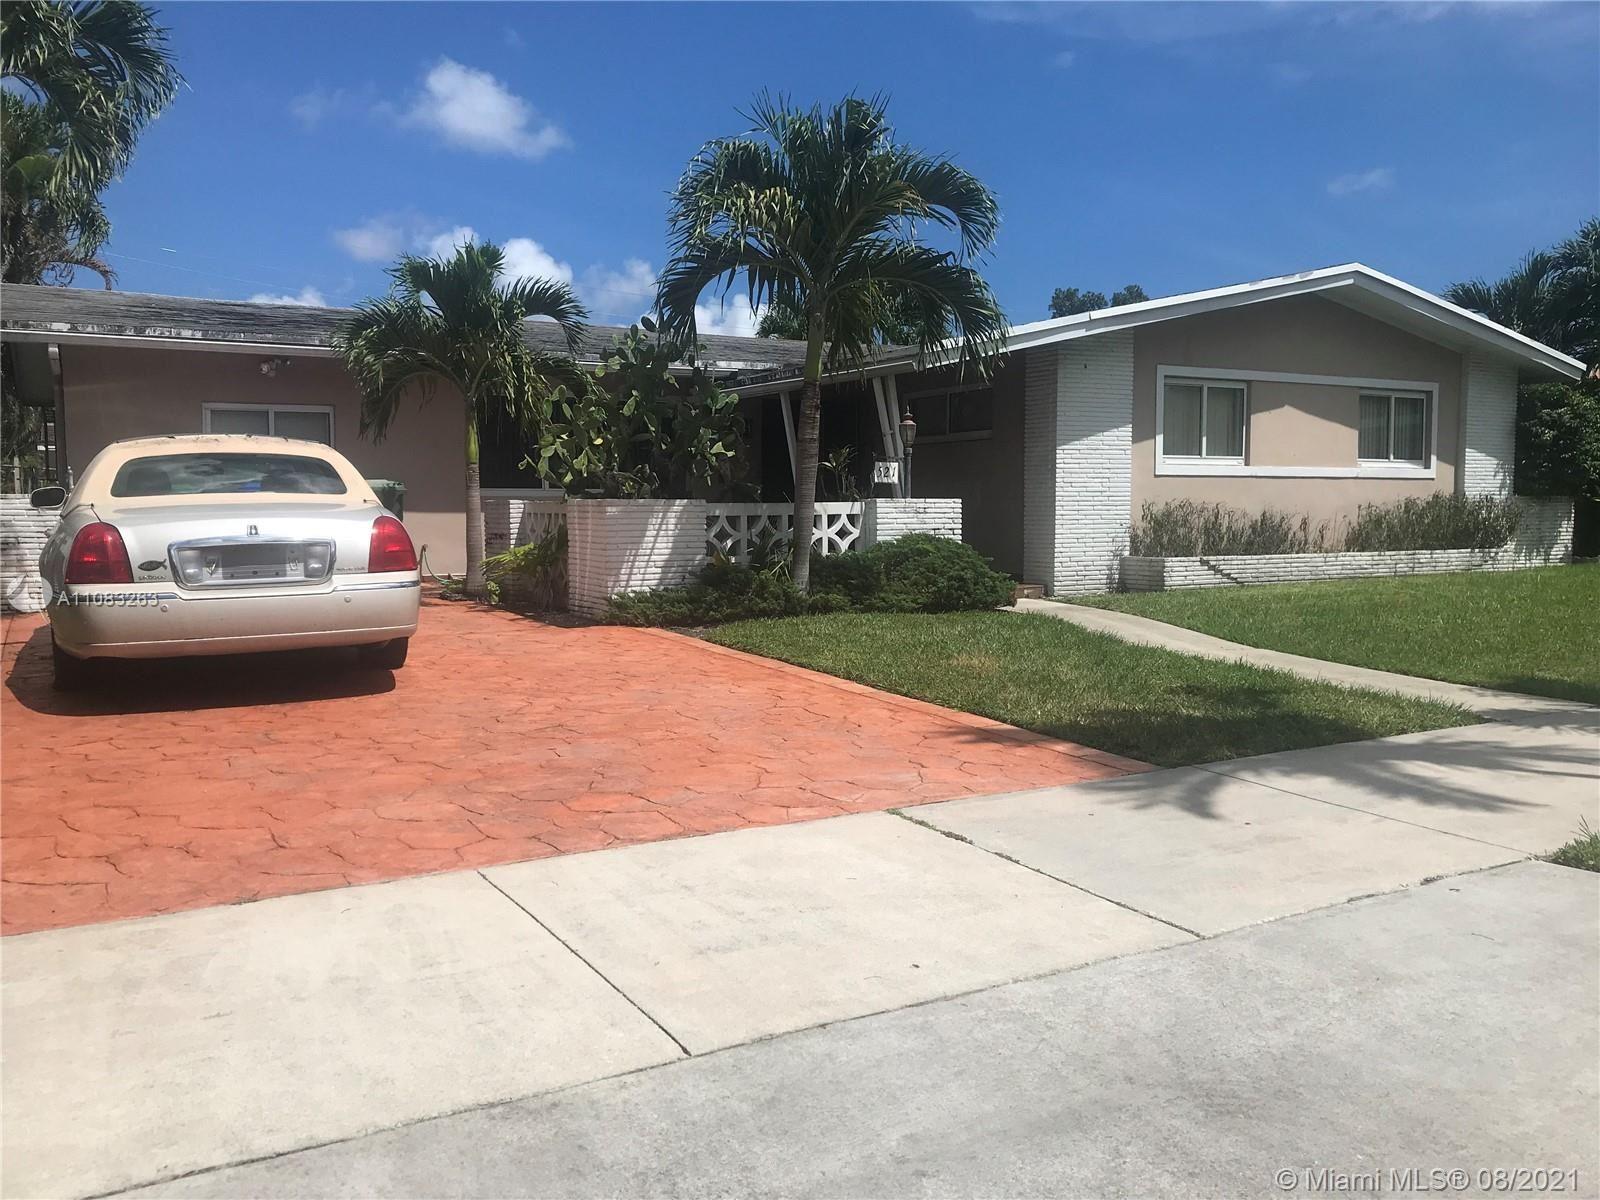 521 SW 41st Ave, Miami, FL 33134 - #: A11083263